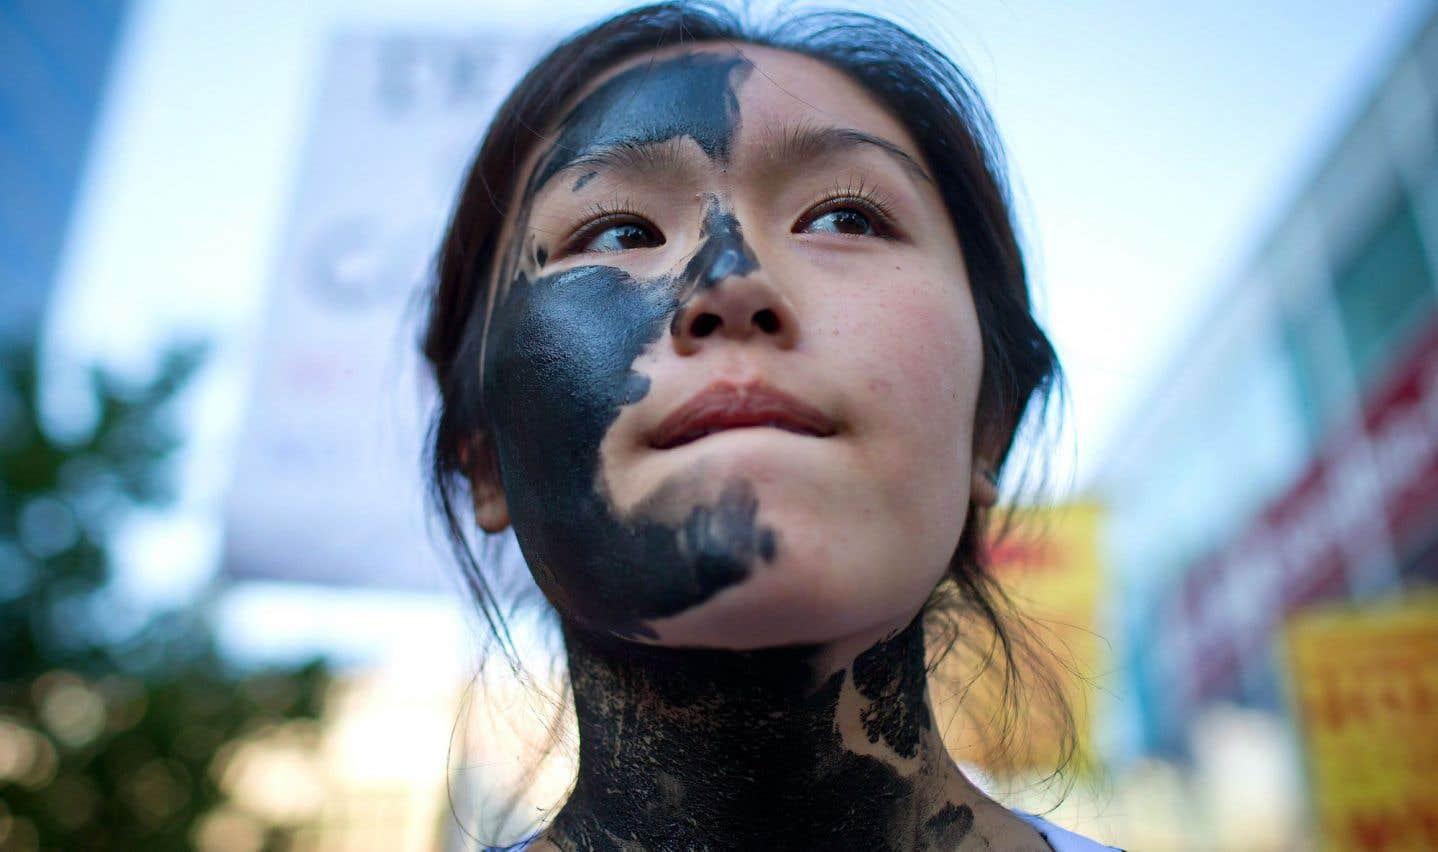 Les pétrolières sont coincées, disent des groupes environnementaux